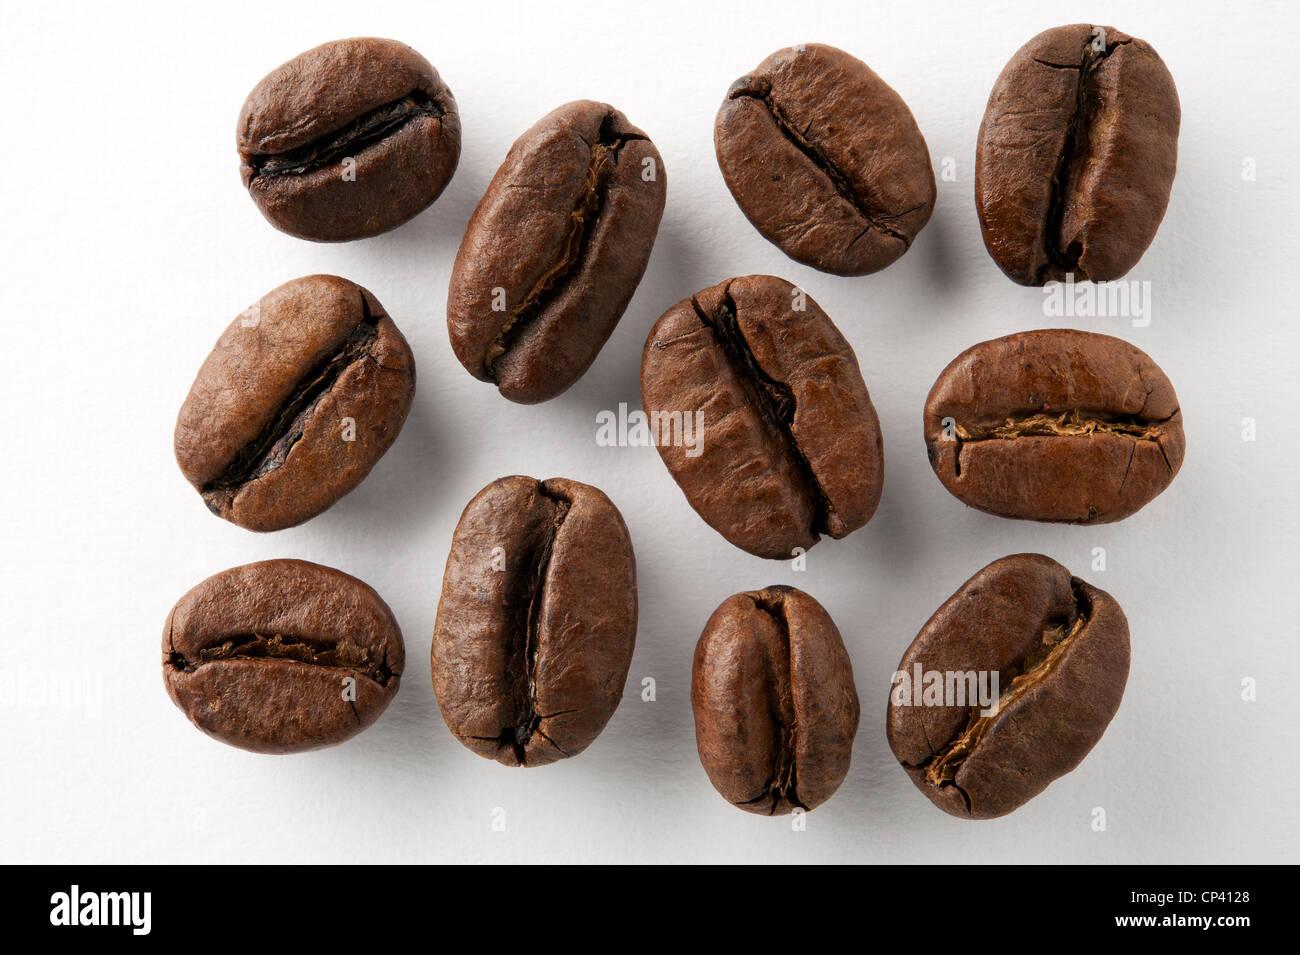 Los granos de café sobre fondo blanco. Foto de stock